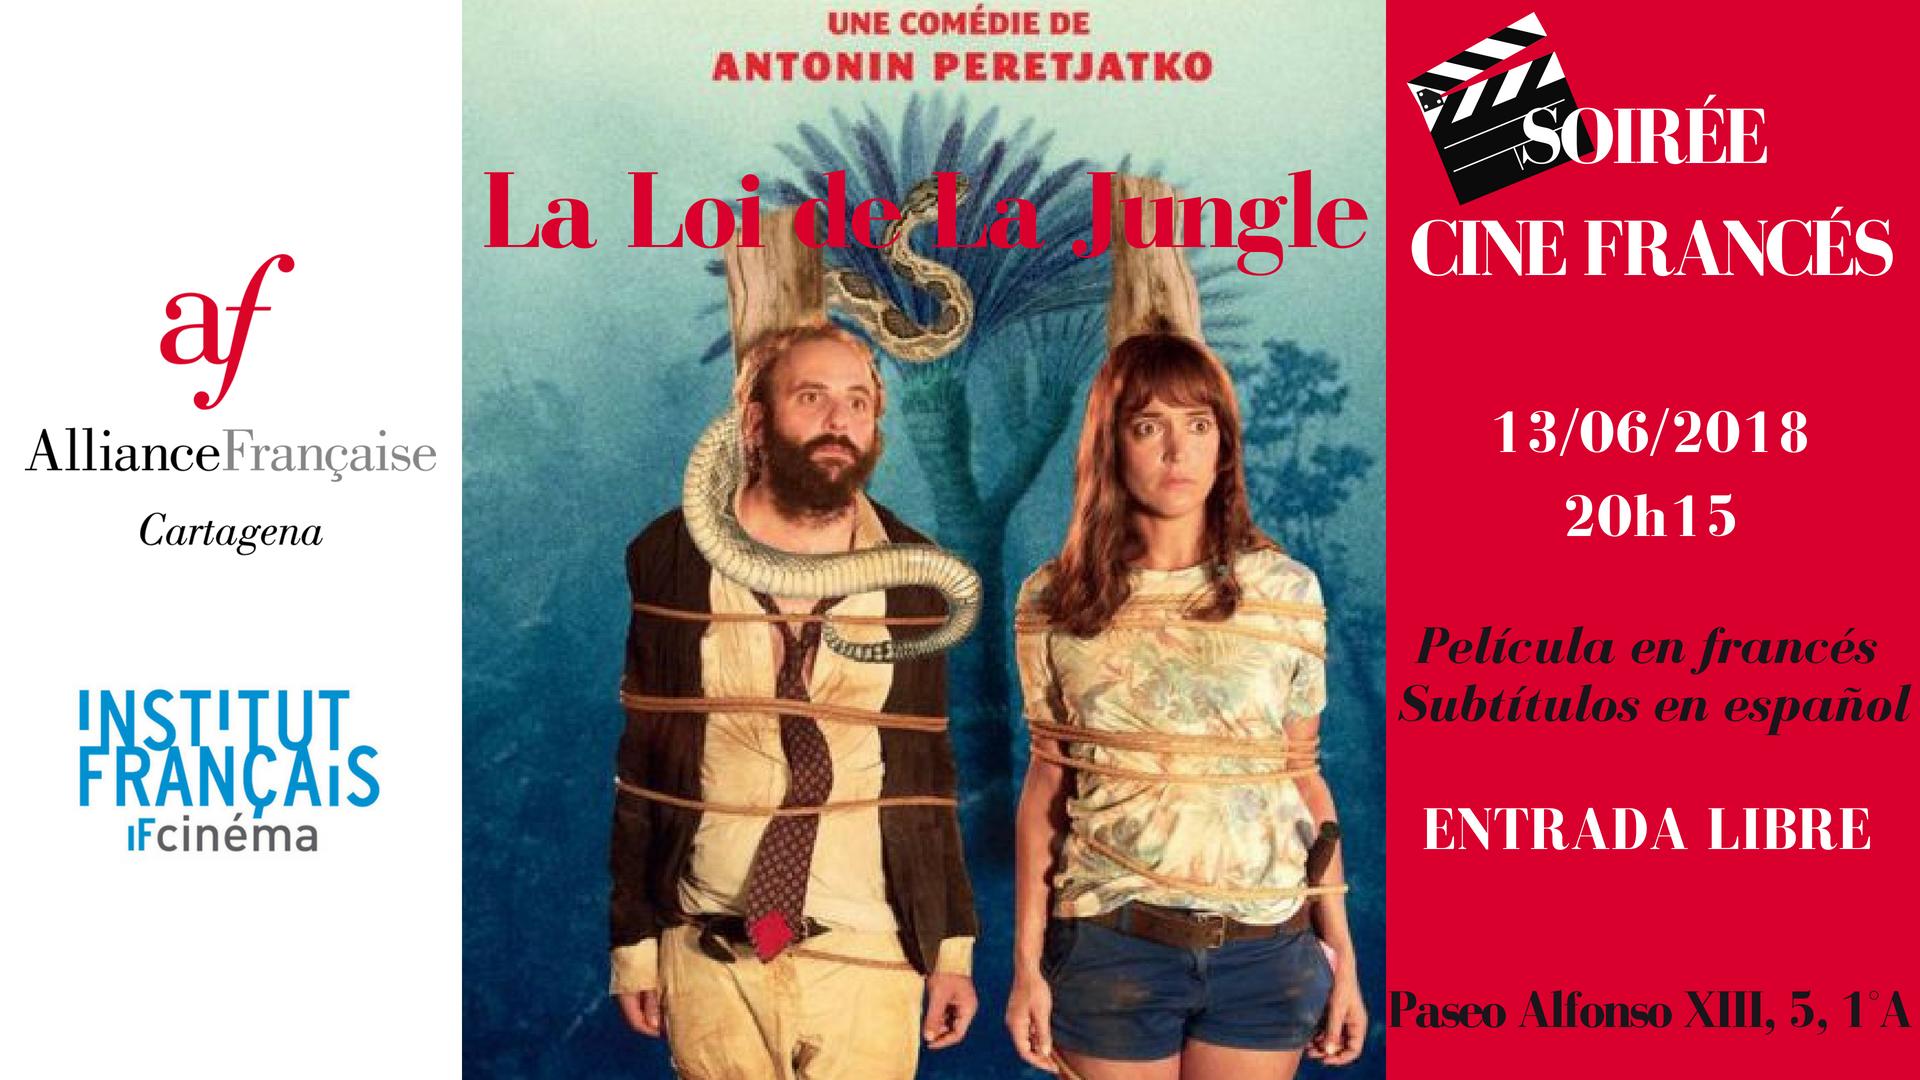 Soirée Cine Francés La loi de la jungle 6